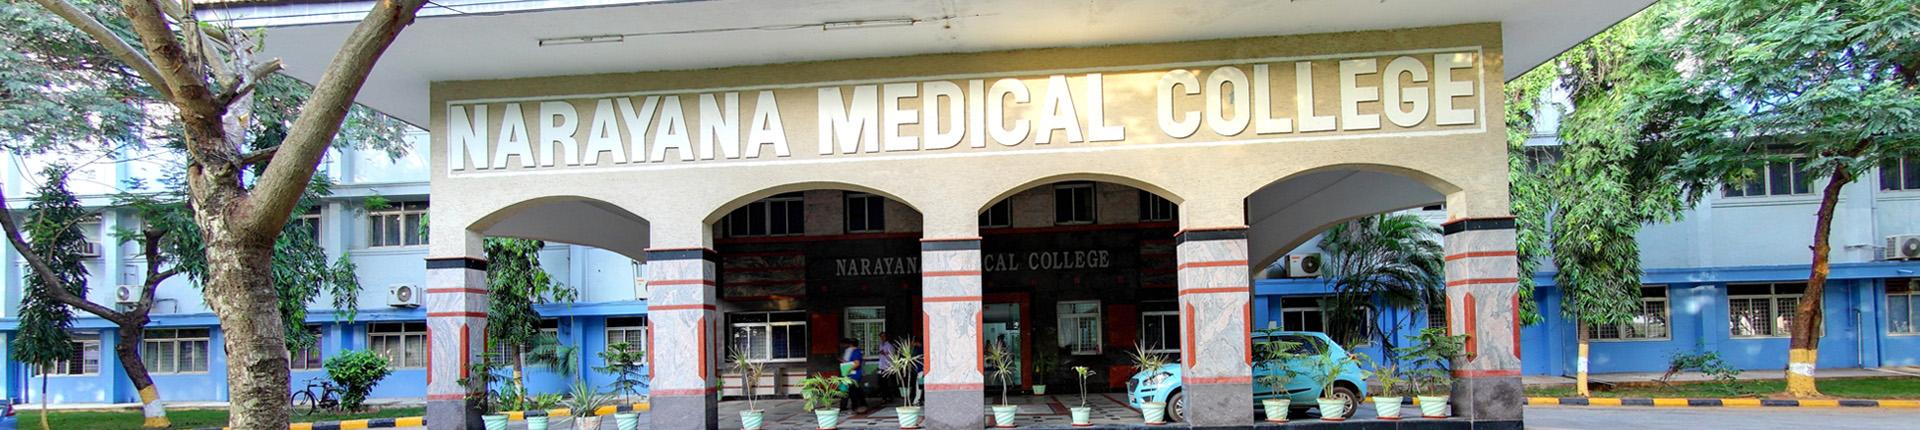 Narayana Medical College, Nellore Image